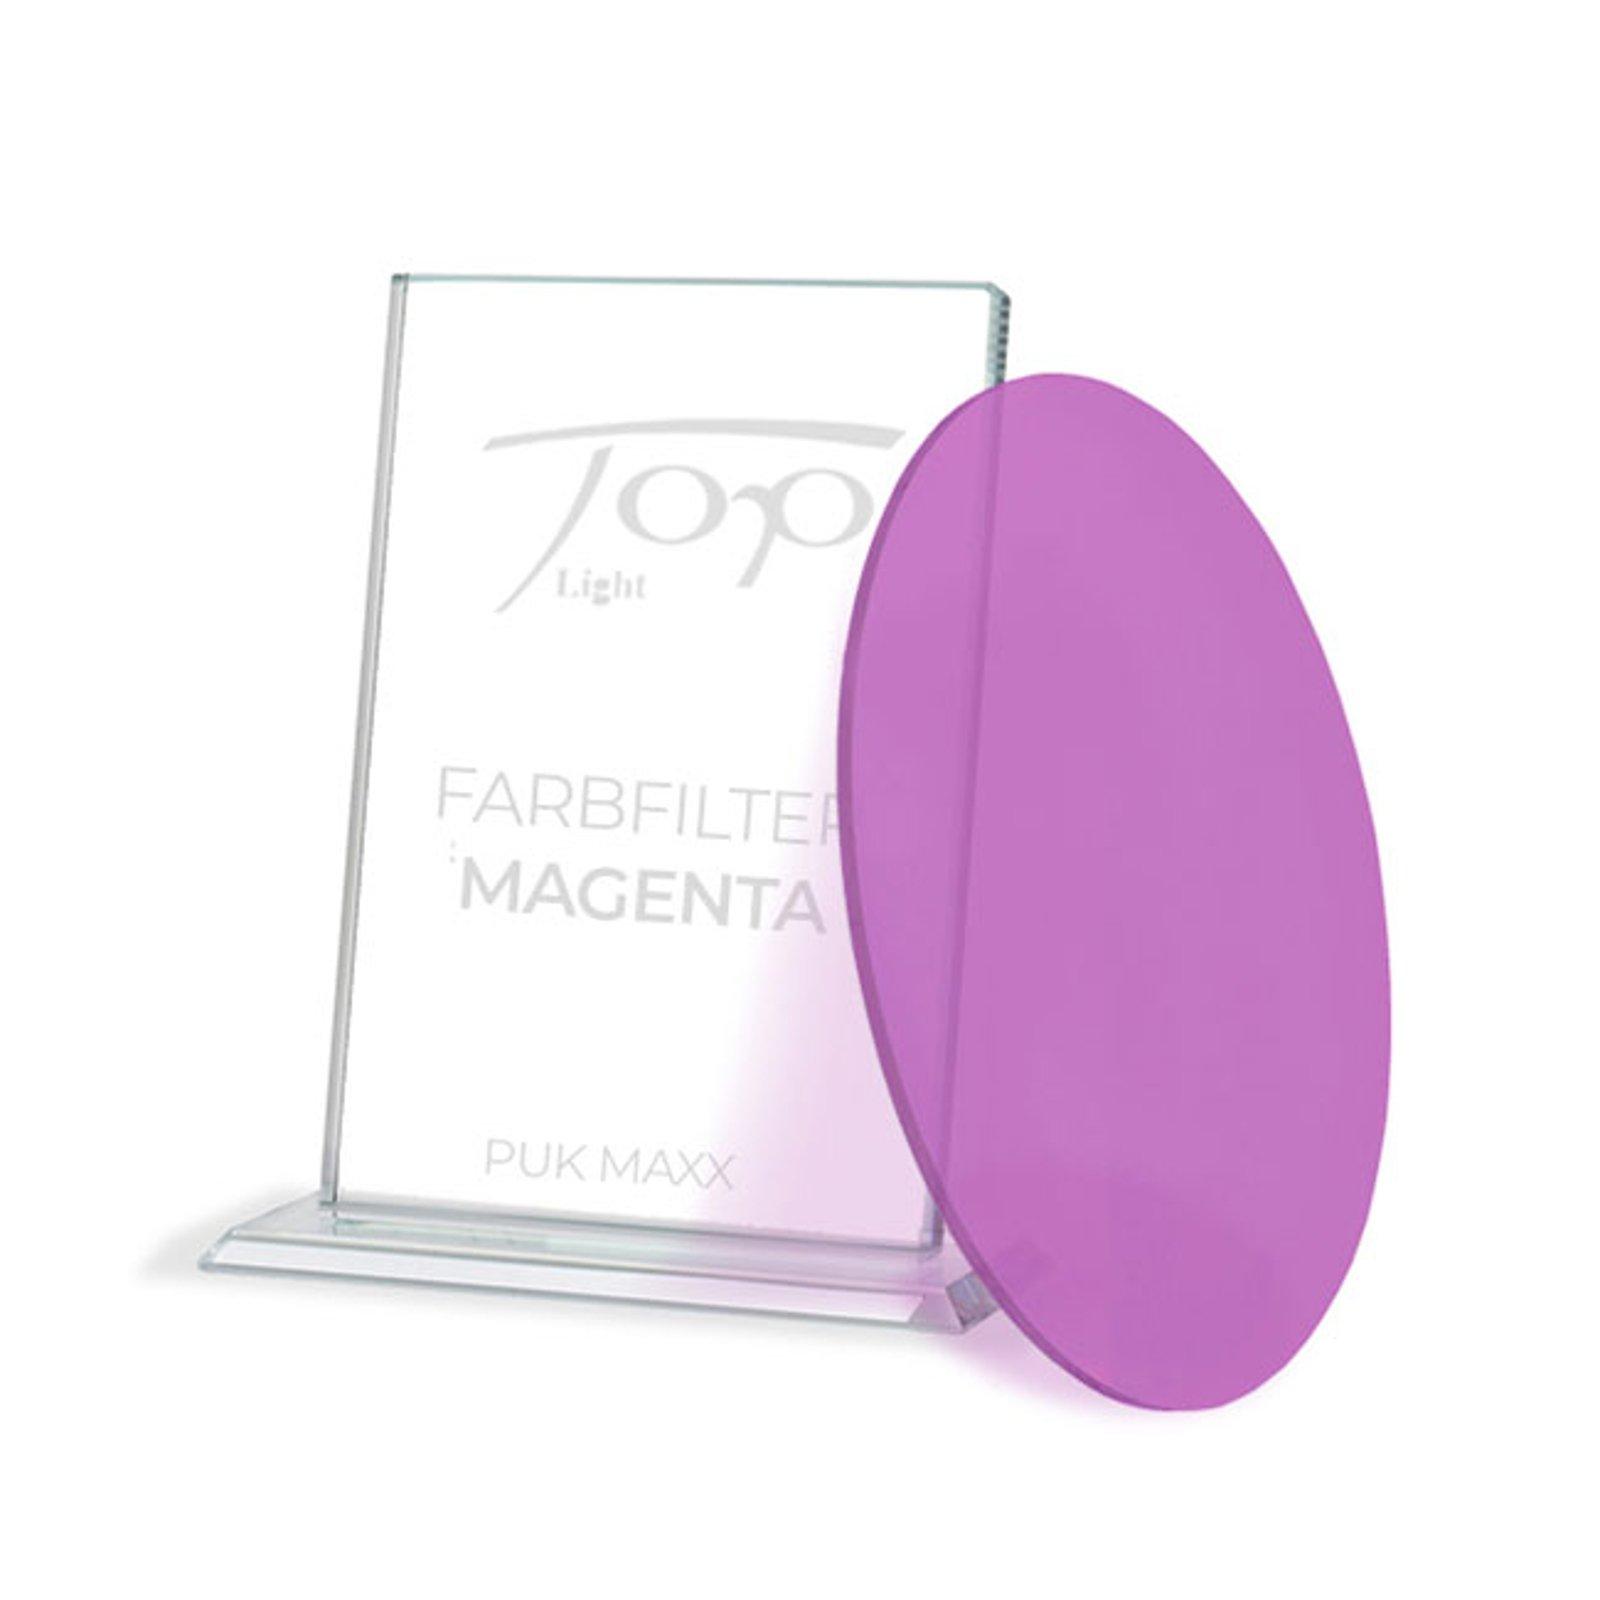 Fargefilter for lampeserien Puk Maxx, magenta